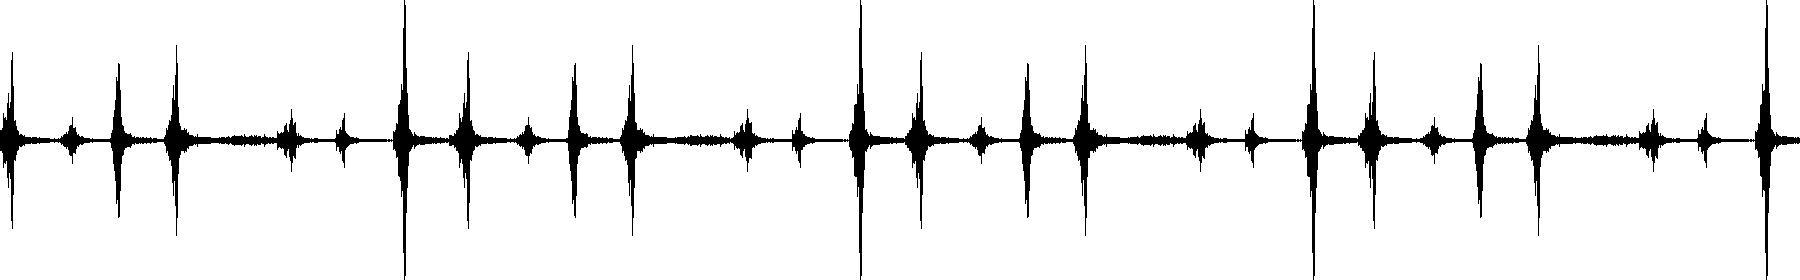 ehp percloop 127 04